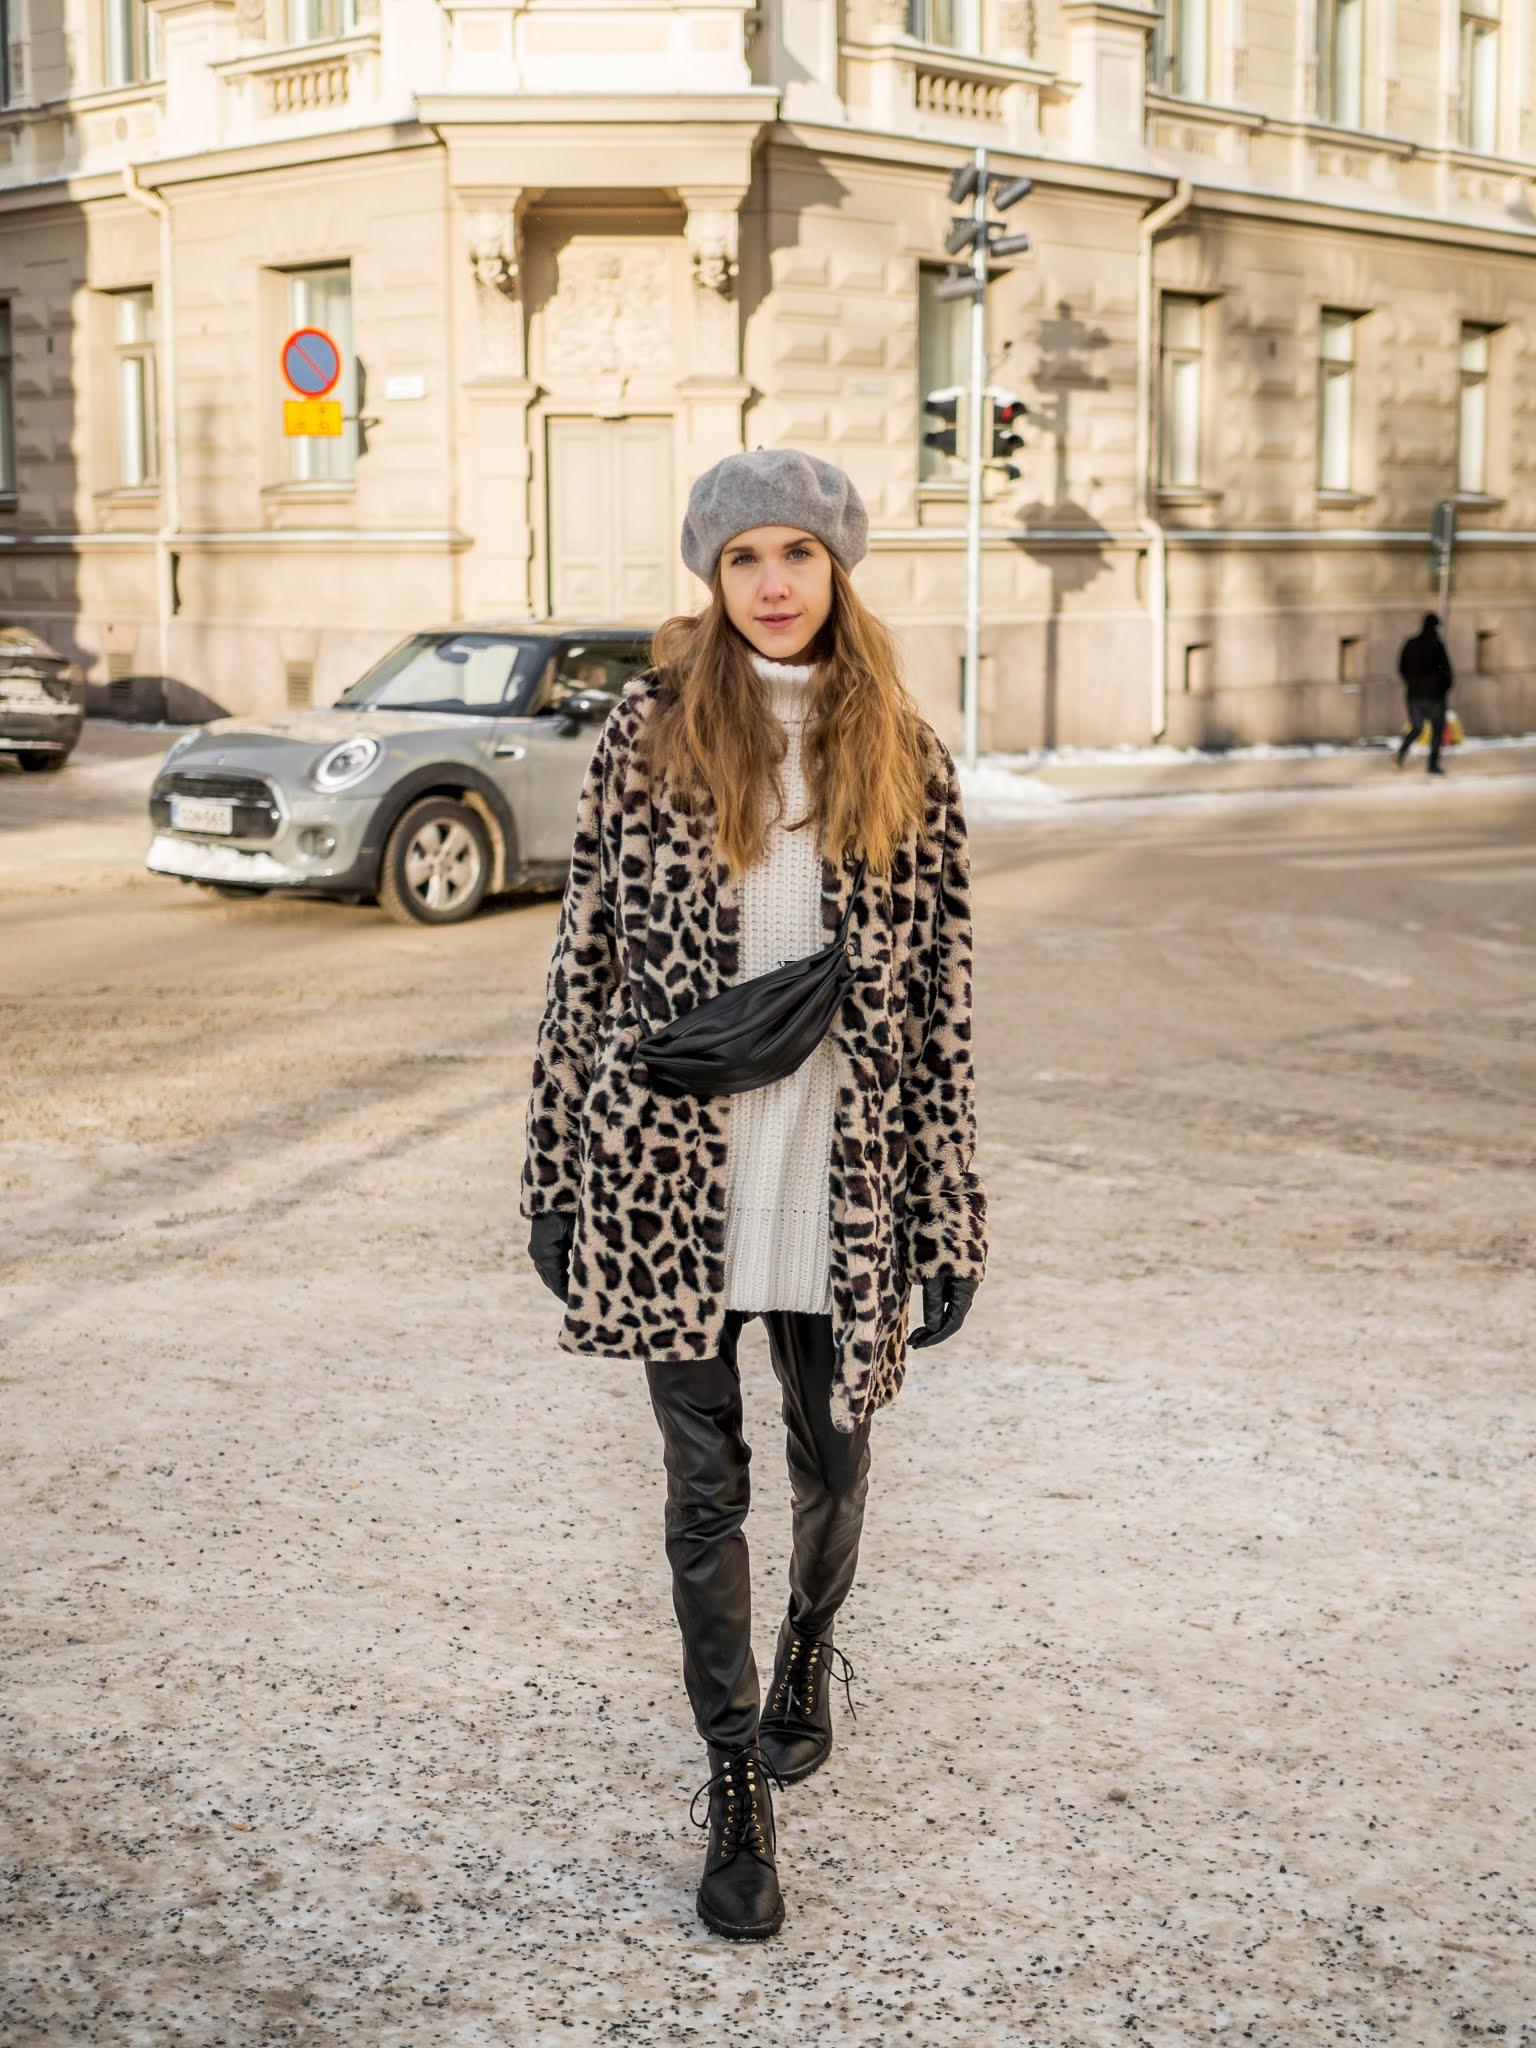 Kuinka yhdistää leoparditakki // How to wear a leopard coat